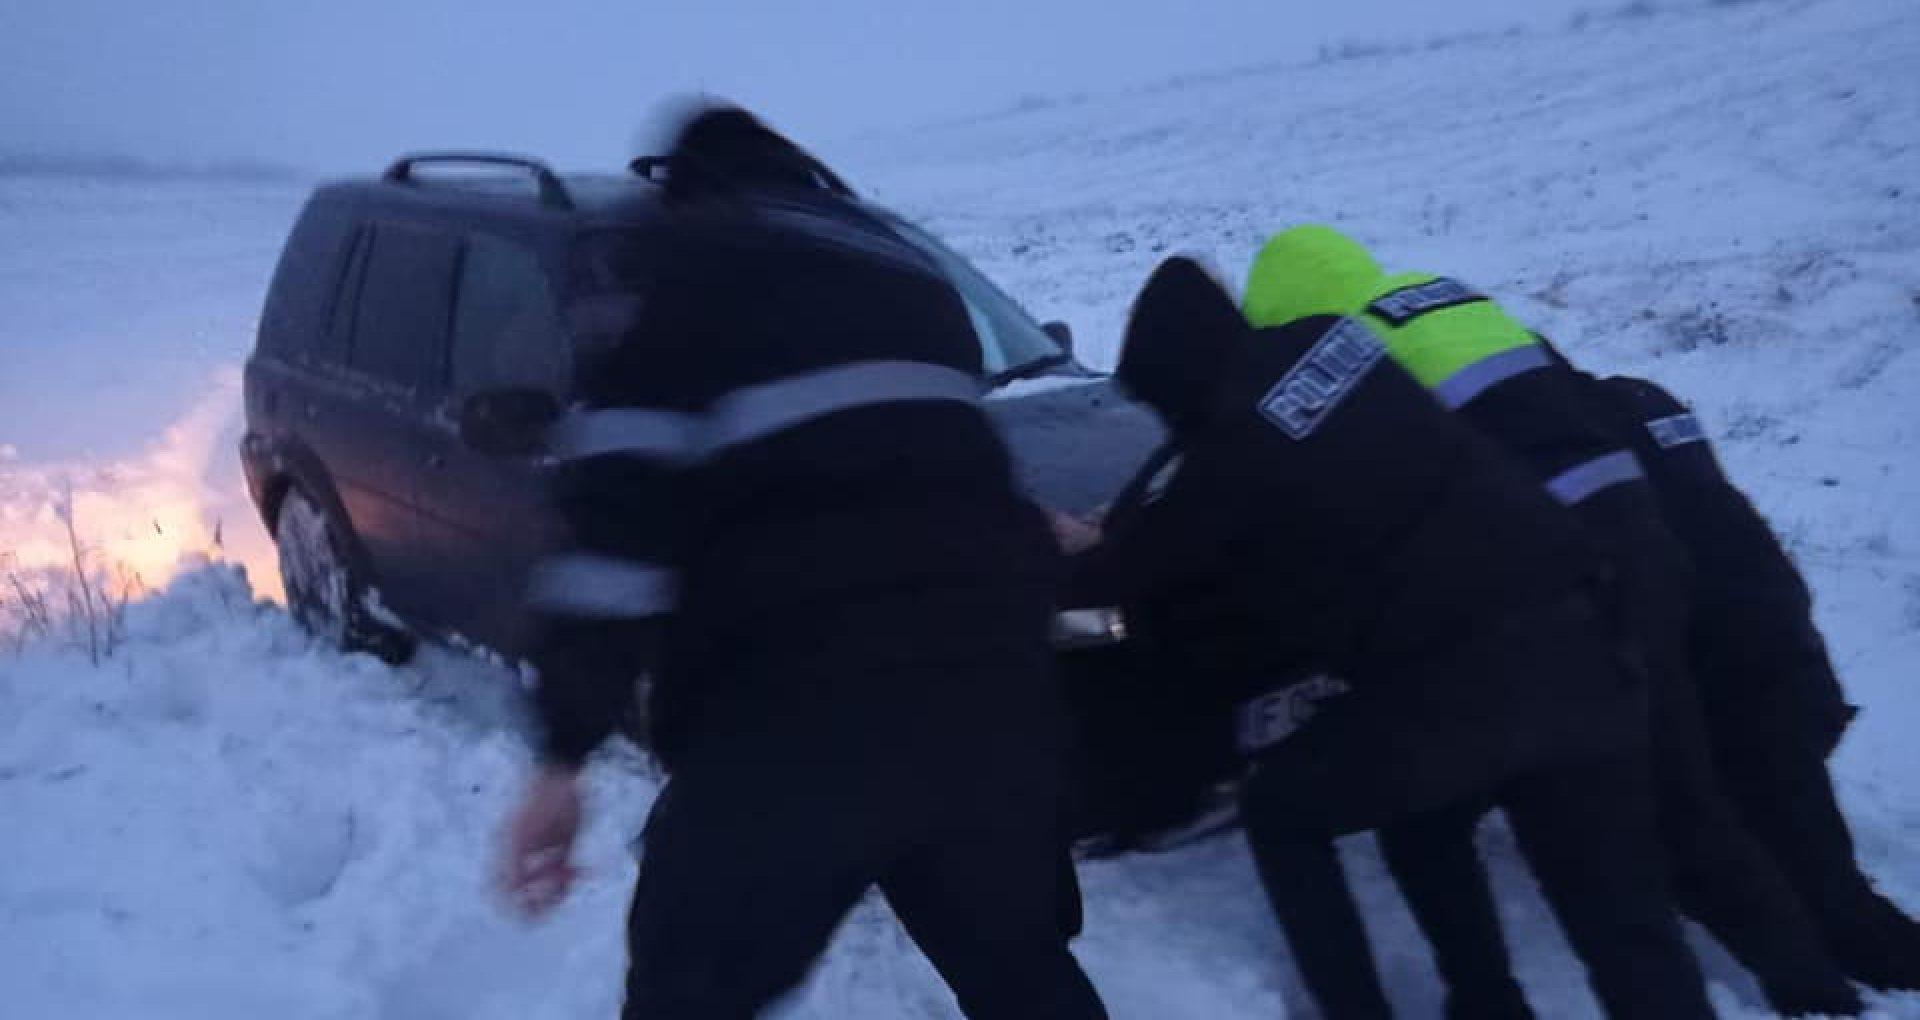 Pe drumurile din țară se circulă cu dificultate. În raioanele din sudul Moldovei au fost convocate ședințe ale Comisiei pentru Situații Excepționale